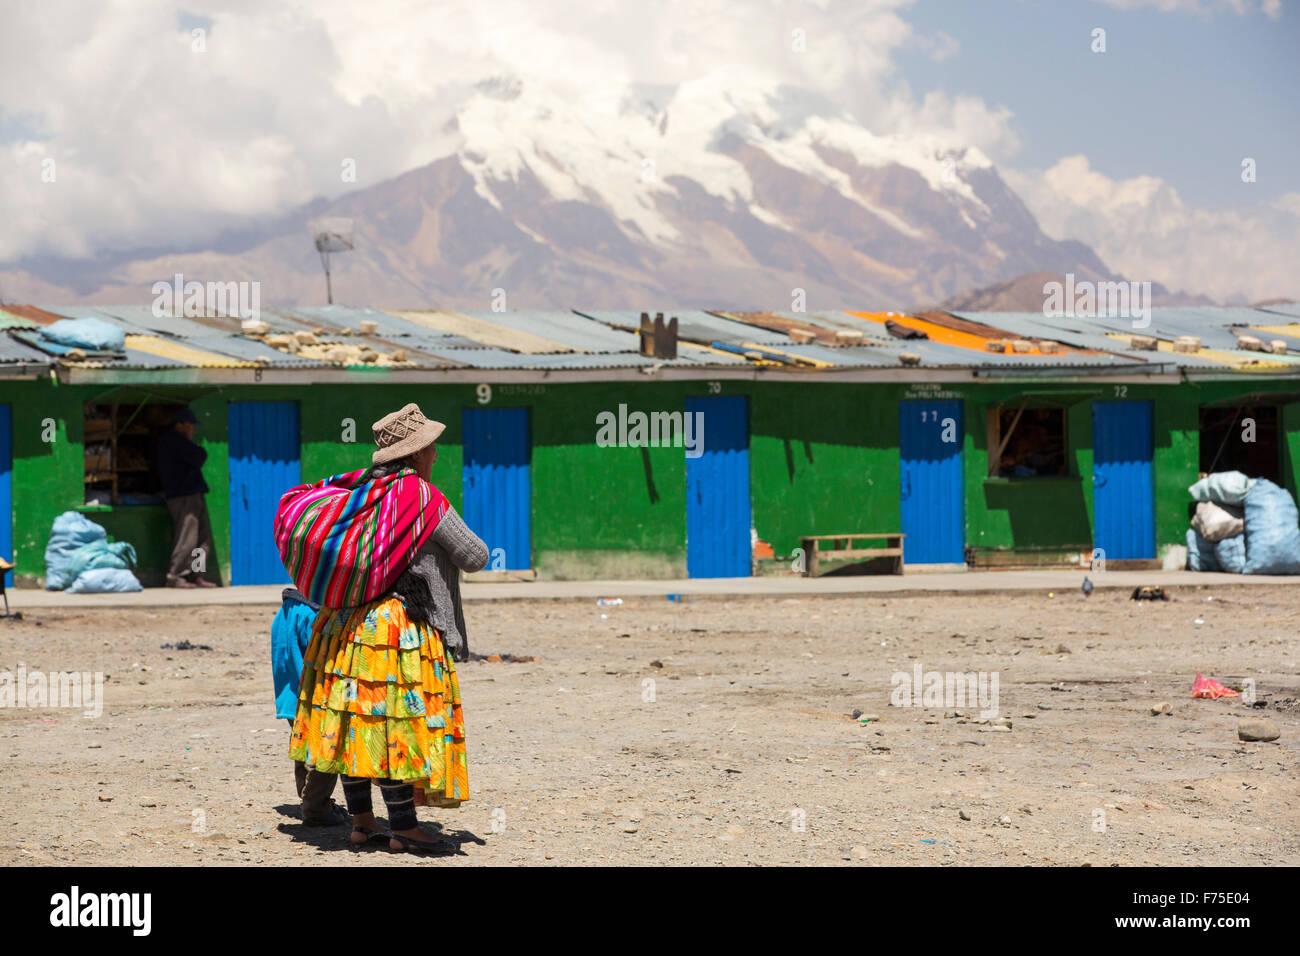 Le pic de 6348 mètres Illimani (d'El Alto, La Paz, Bolivie. La Paz et El Alto sont cruellement d'eau et sera probablement la première capitale au monde qui devront être largement abandonnée en raison du manque d'eau. Il s'appuie fortement sur l'eau de fonte glaciaire de la Communauté andine, pics, mais comme le changement climatique provoque la fonte des glaciers, il est rapidement à court d'eau. Banque D'Images